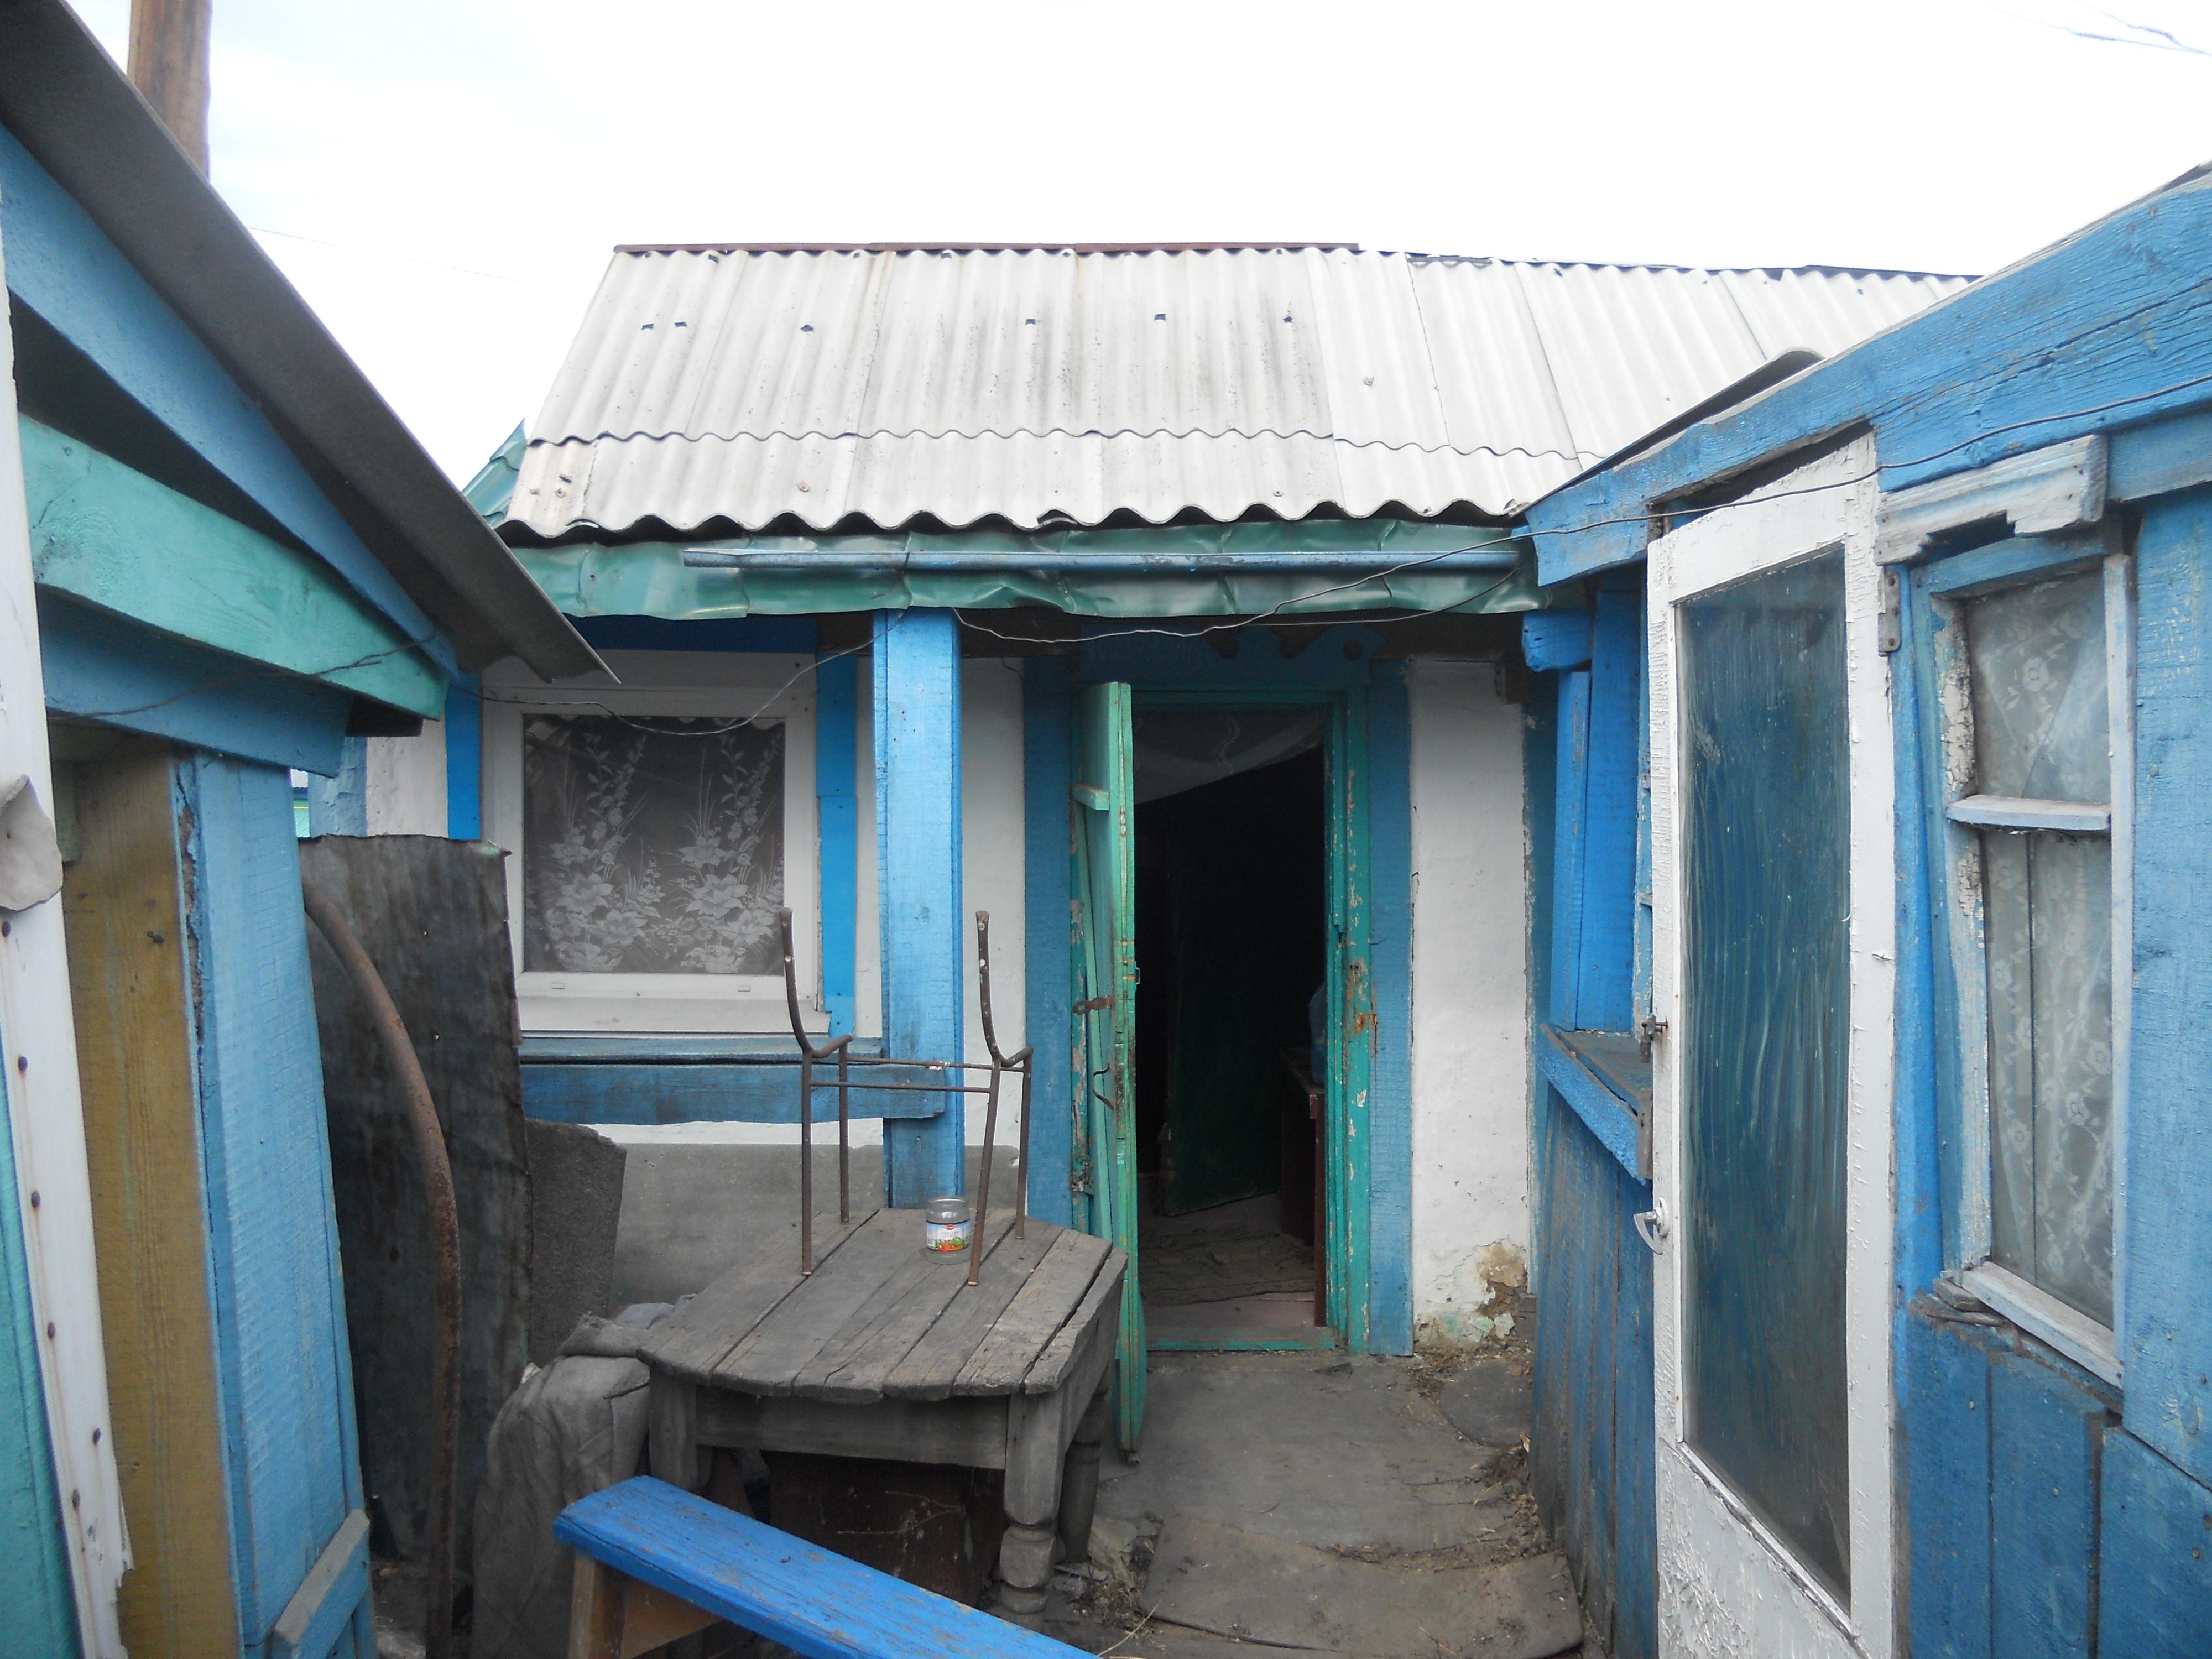 Дом на продажу по адресу Россия, Алтайский край, р-н. Павловский, с. Павловск, ул. Полушкина